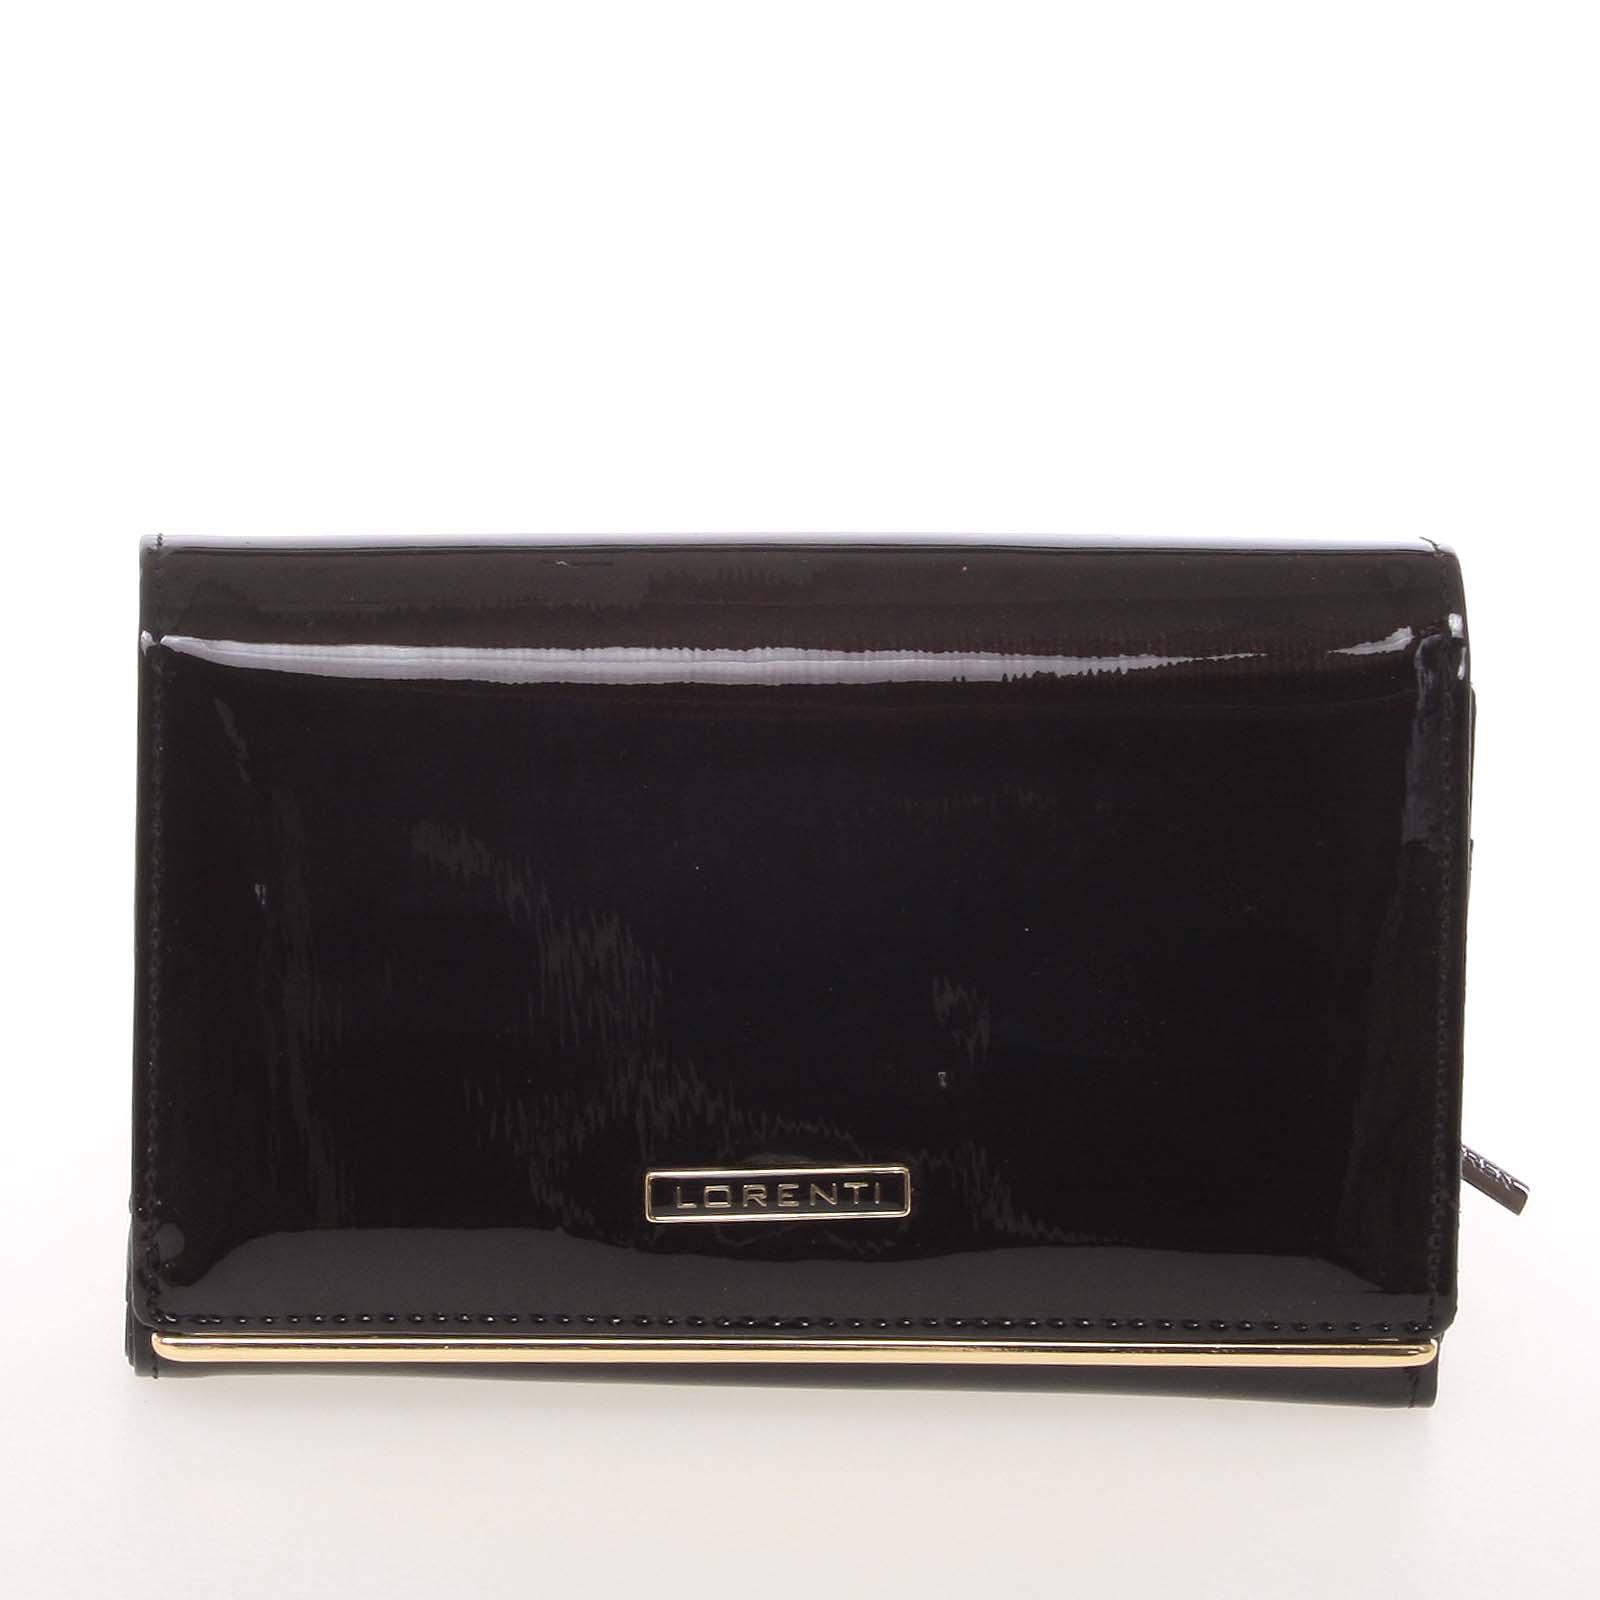 Luxusná kožená lakovaná čierna peňaženka - Lorenti 4112SH